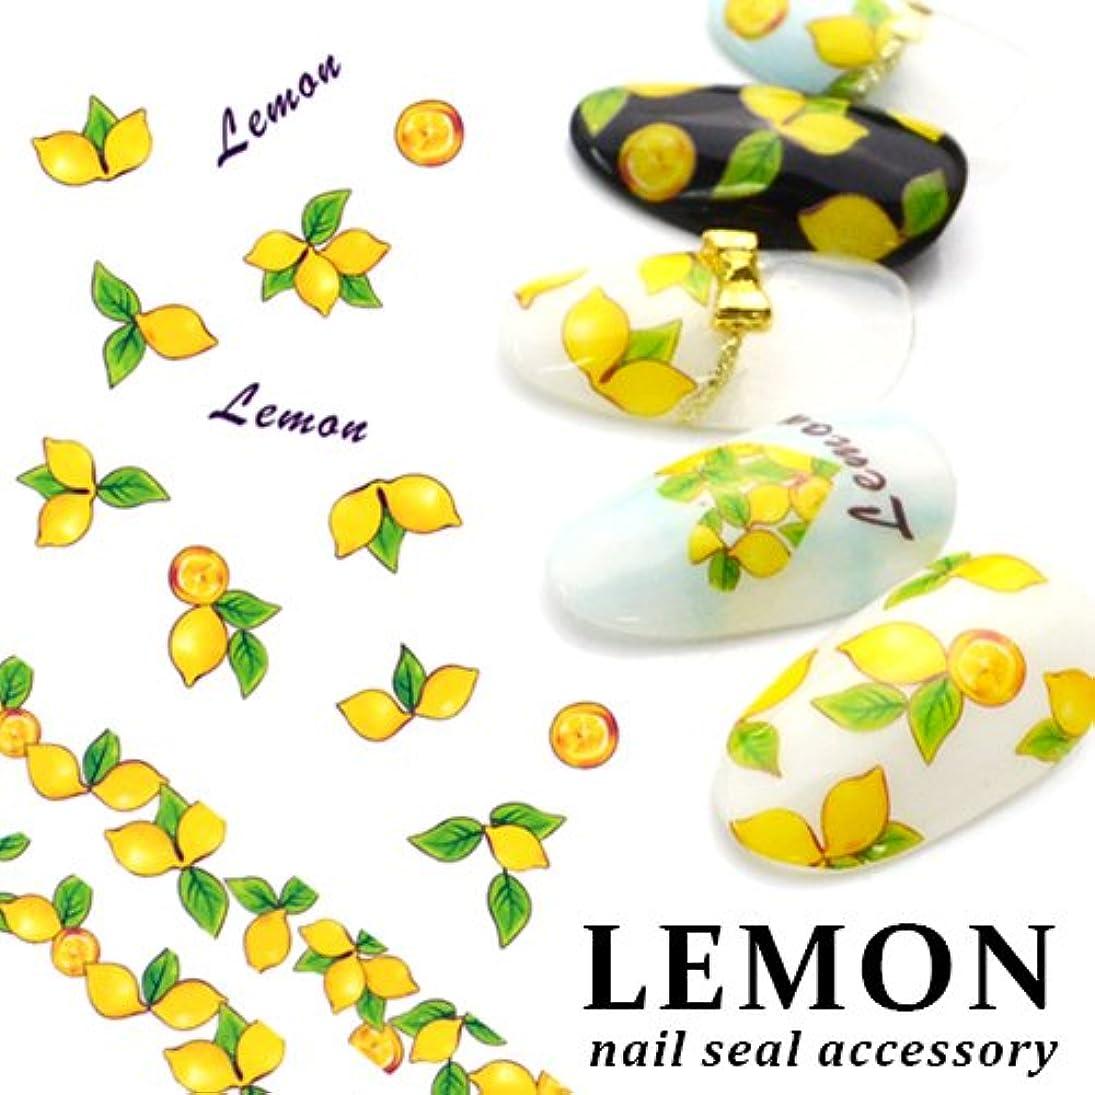 買収優雅な分夏派手ネイルを楽しく簡単に!レモン柄 フルーツ ネイルシール [DS-214] ウォーターネイルシール サマーネイルアート ジェルネイル